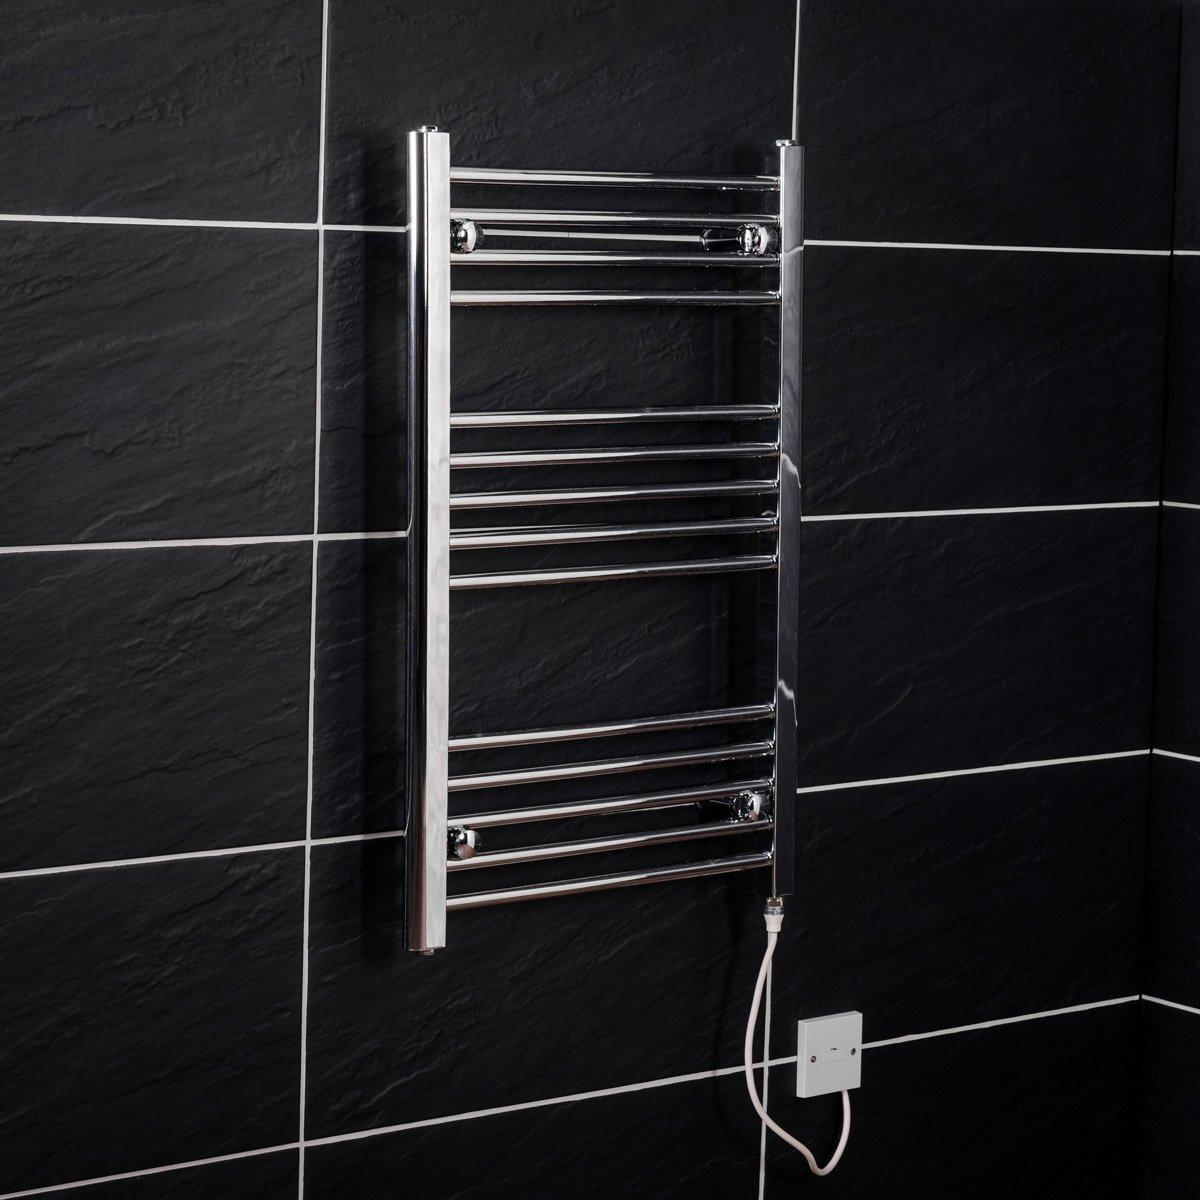 elektrischer handtuchw rmer heizung bad heizk rper elektro. Black Bedroom Furniture Sets. Home Design Ideas